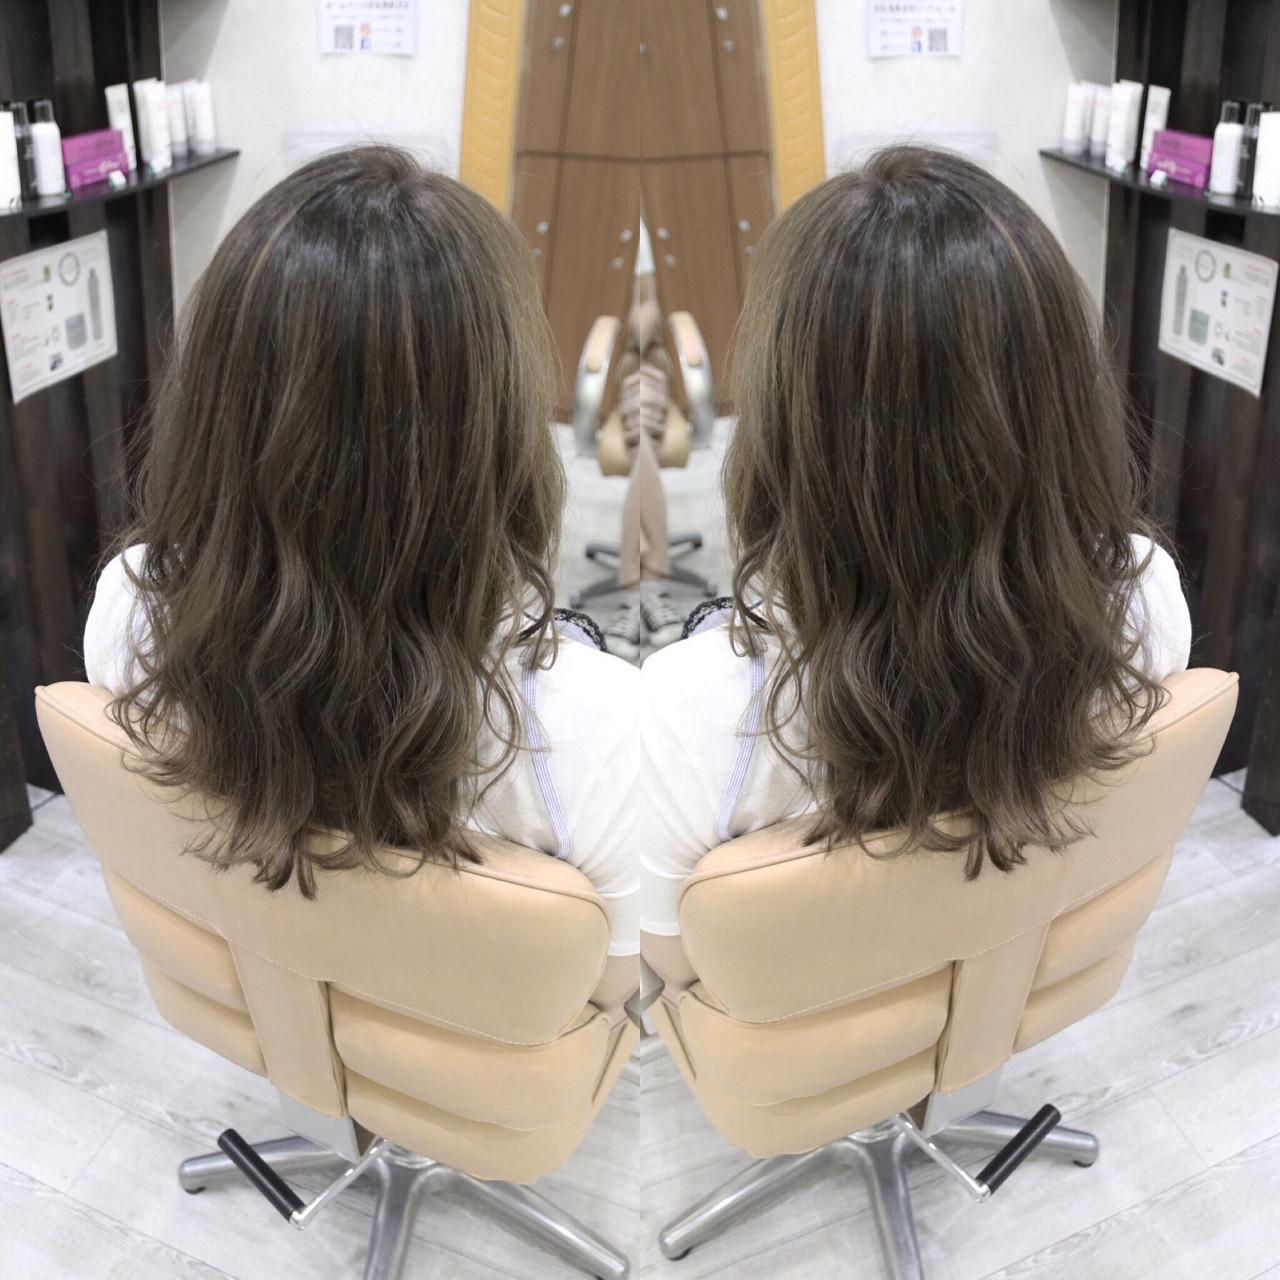 ナチュラル セミロング ヘアアレンジ 夏 ヘアスタイルや髪型の写真・画像 | 植松 裕也 / Hair design Laule'a une ラウレア